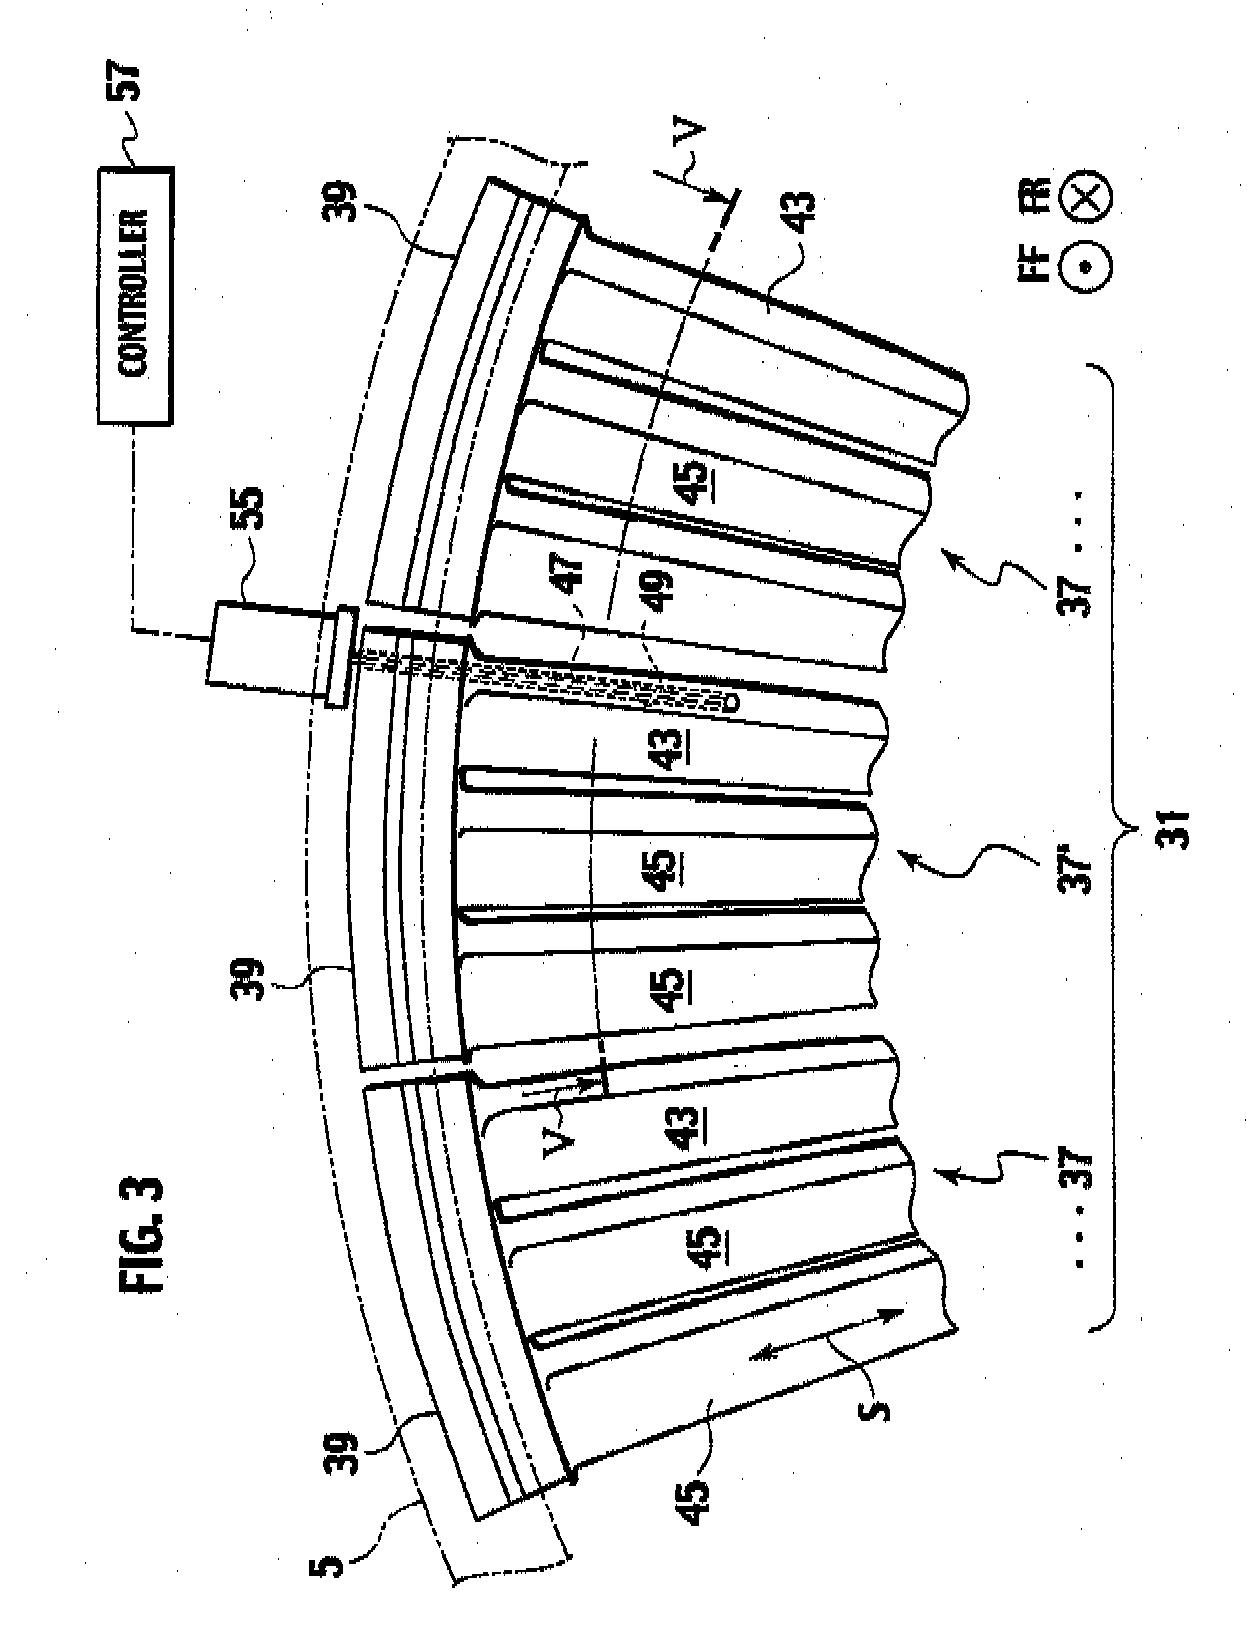 Patent EP A1 Turbine nozzle segment turbine nozzle